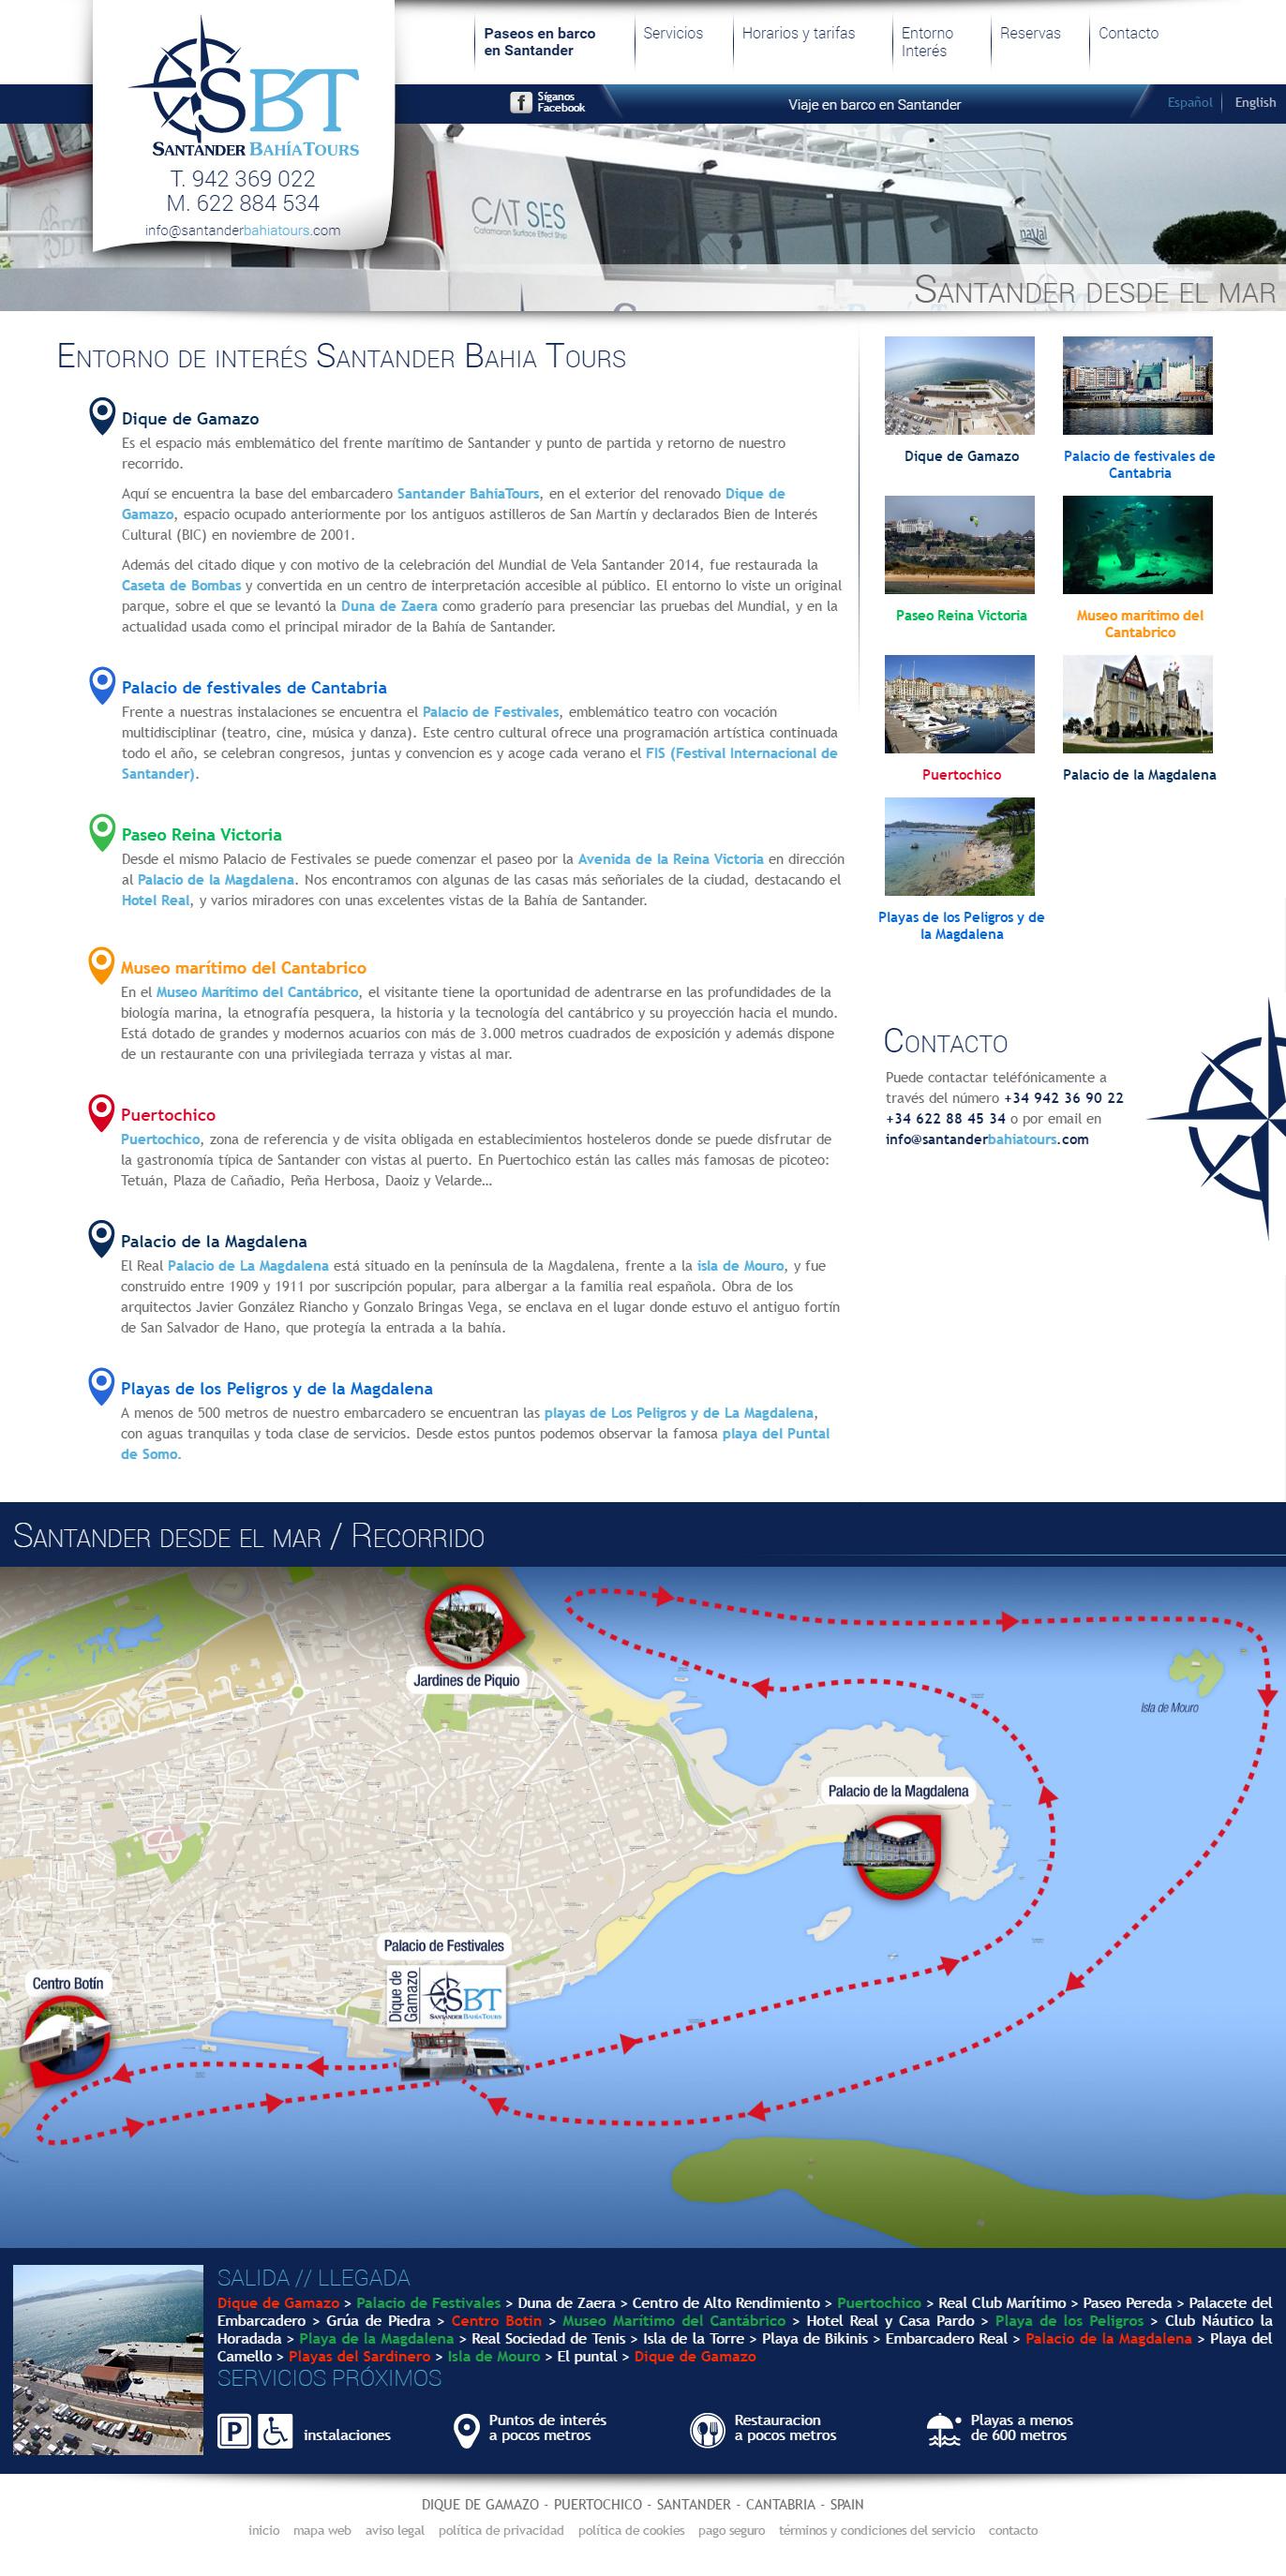 Santander Bahía Tours_entorno